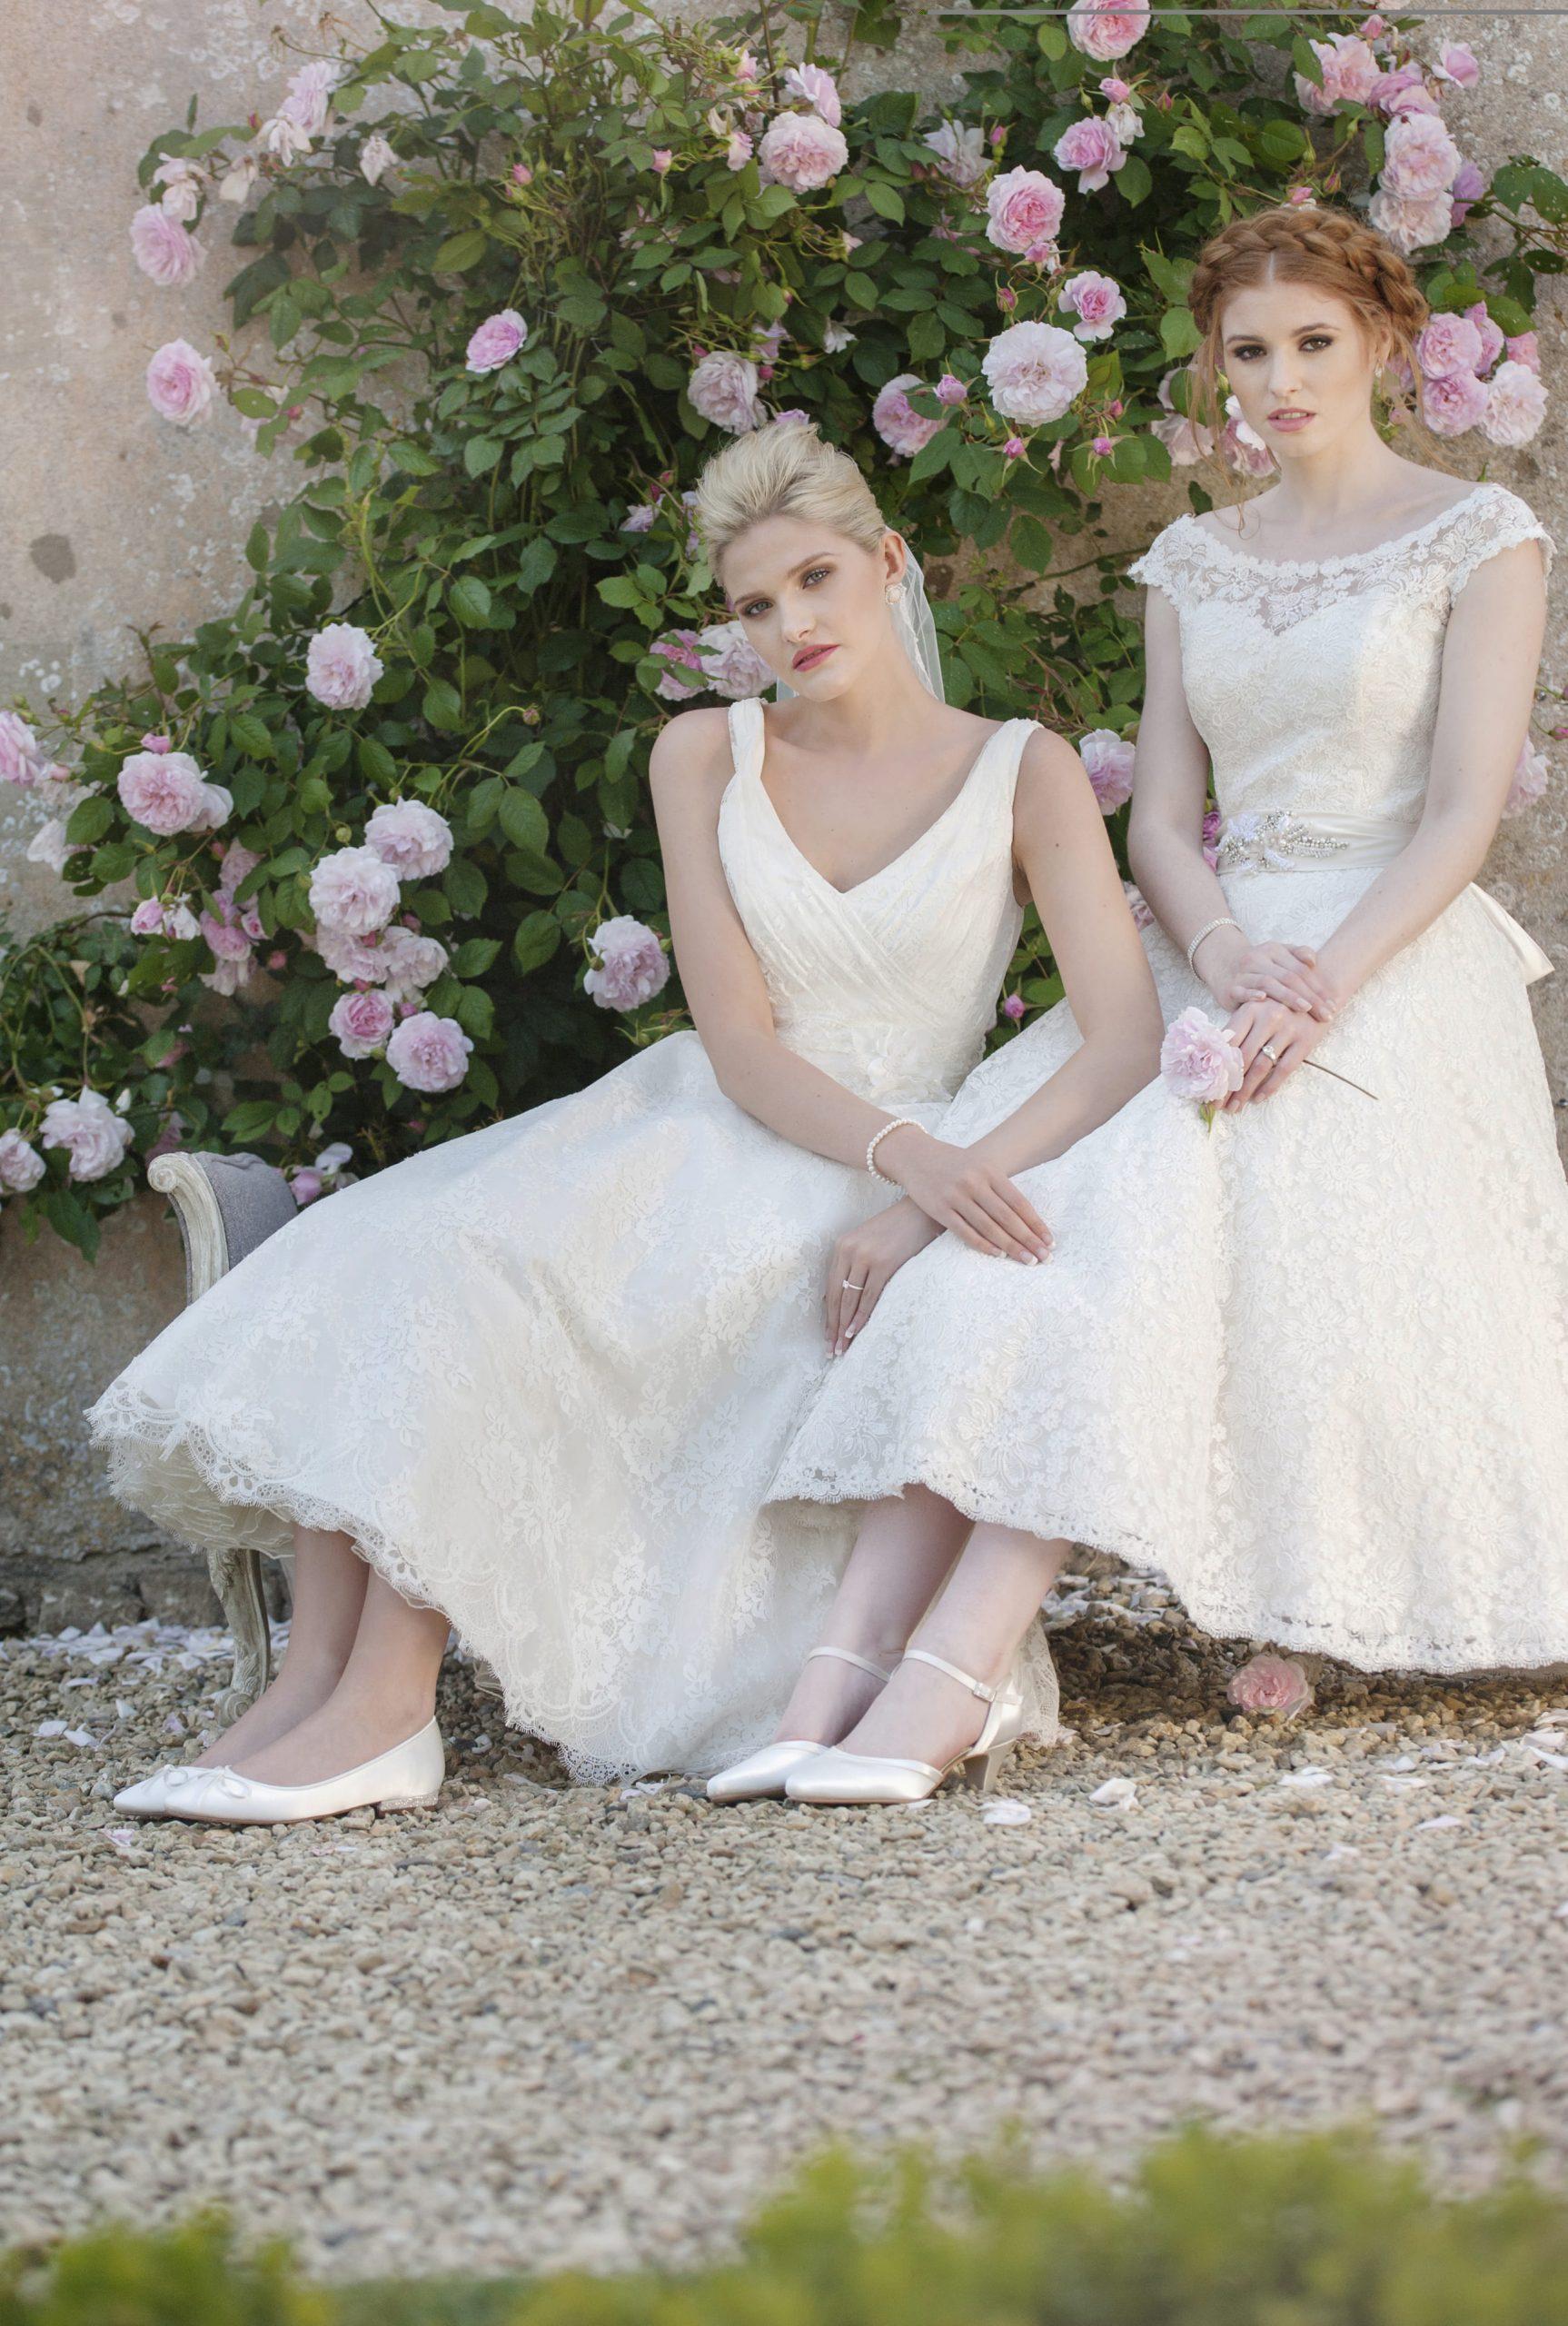 Das Zweite Brautkleid - Macht Es Sinn Sich Zusätzlich Noch